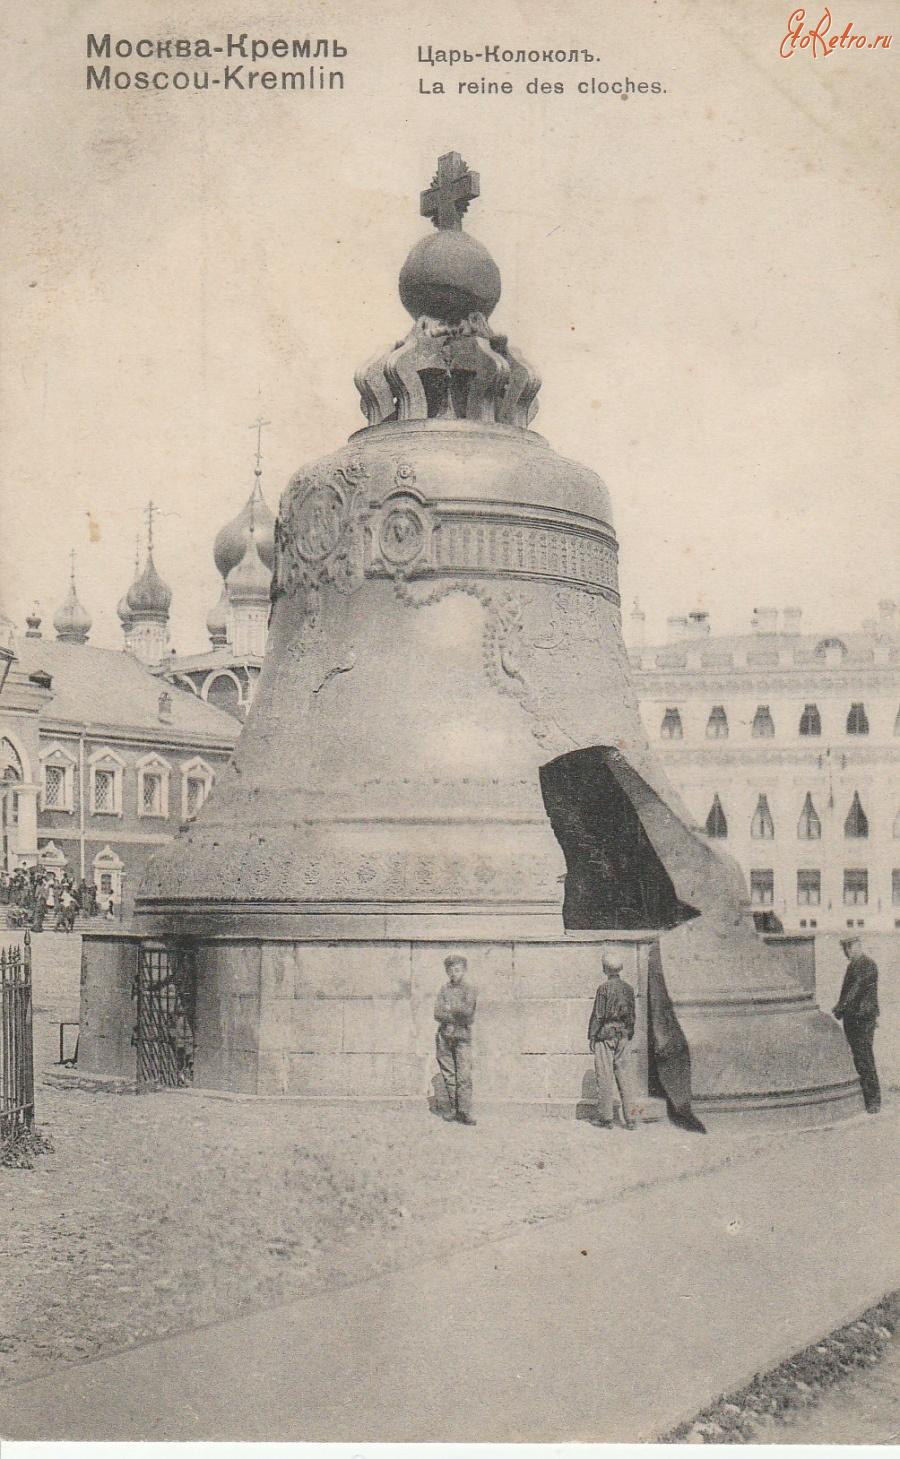 Треугольник, открытка царь колокол